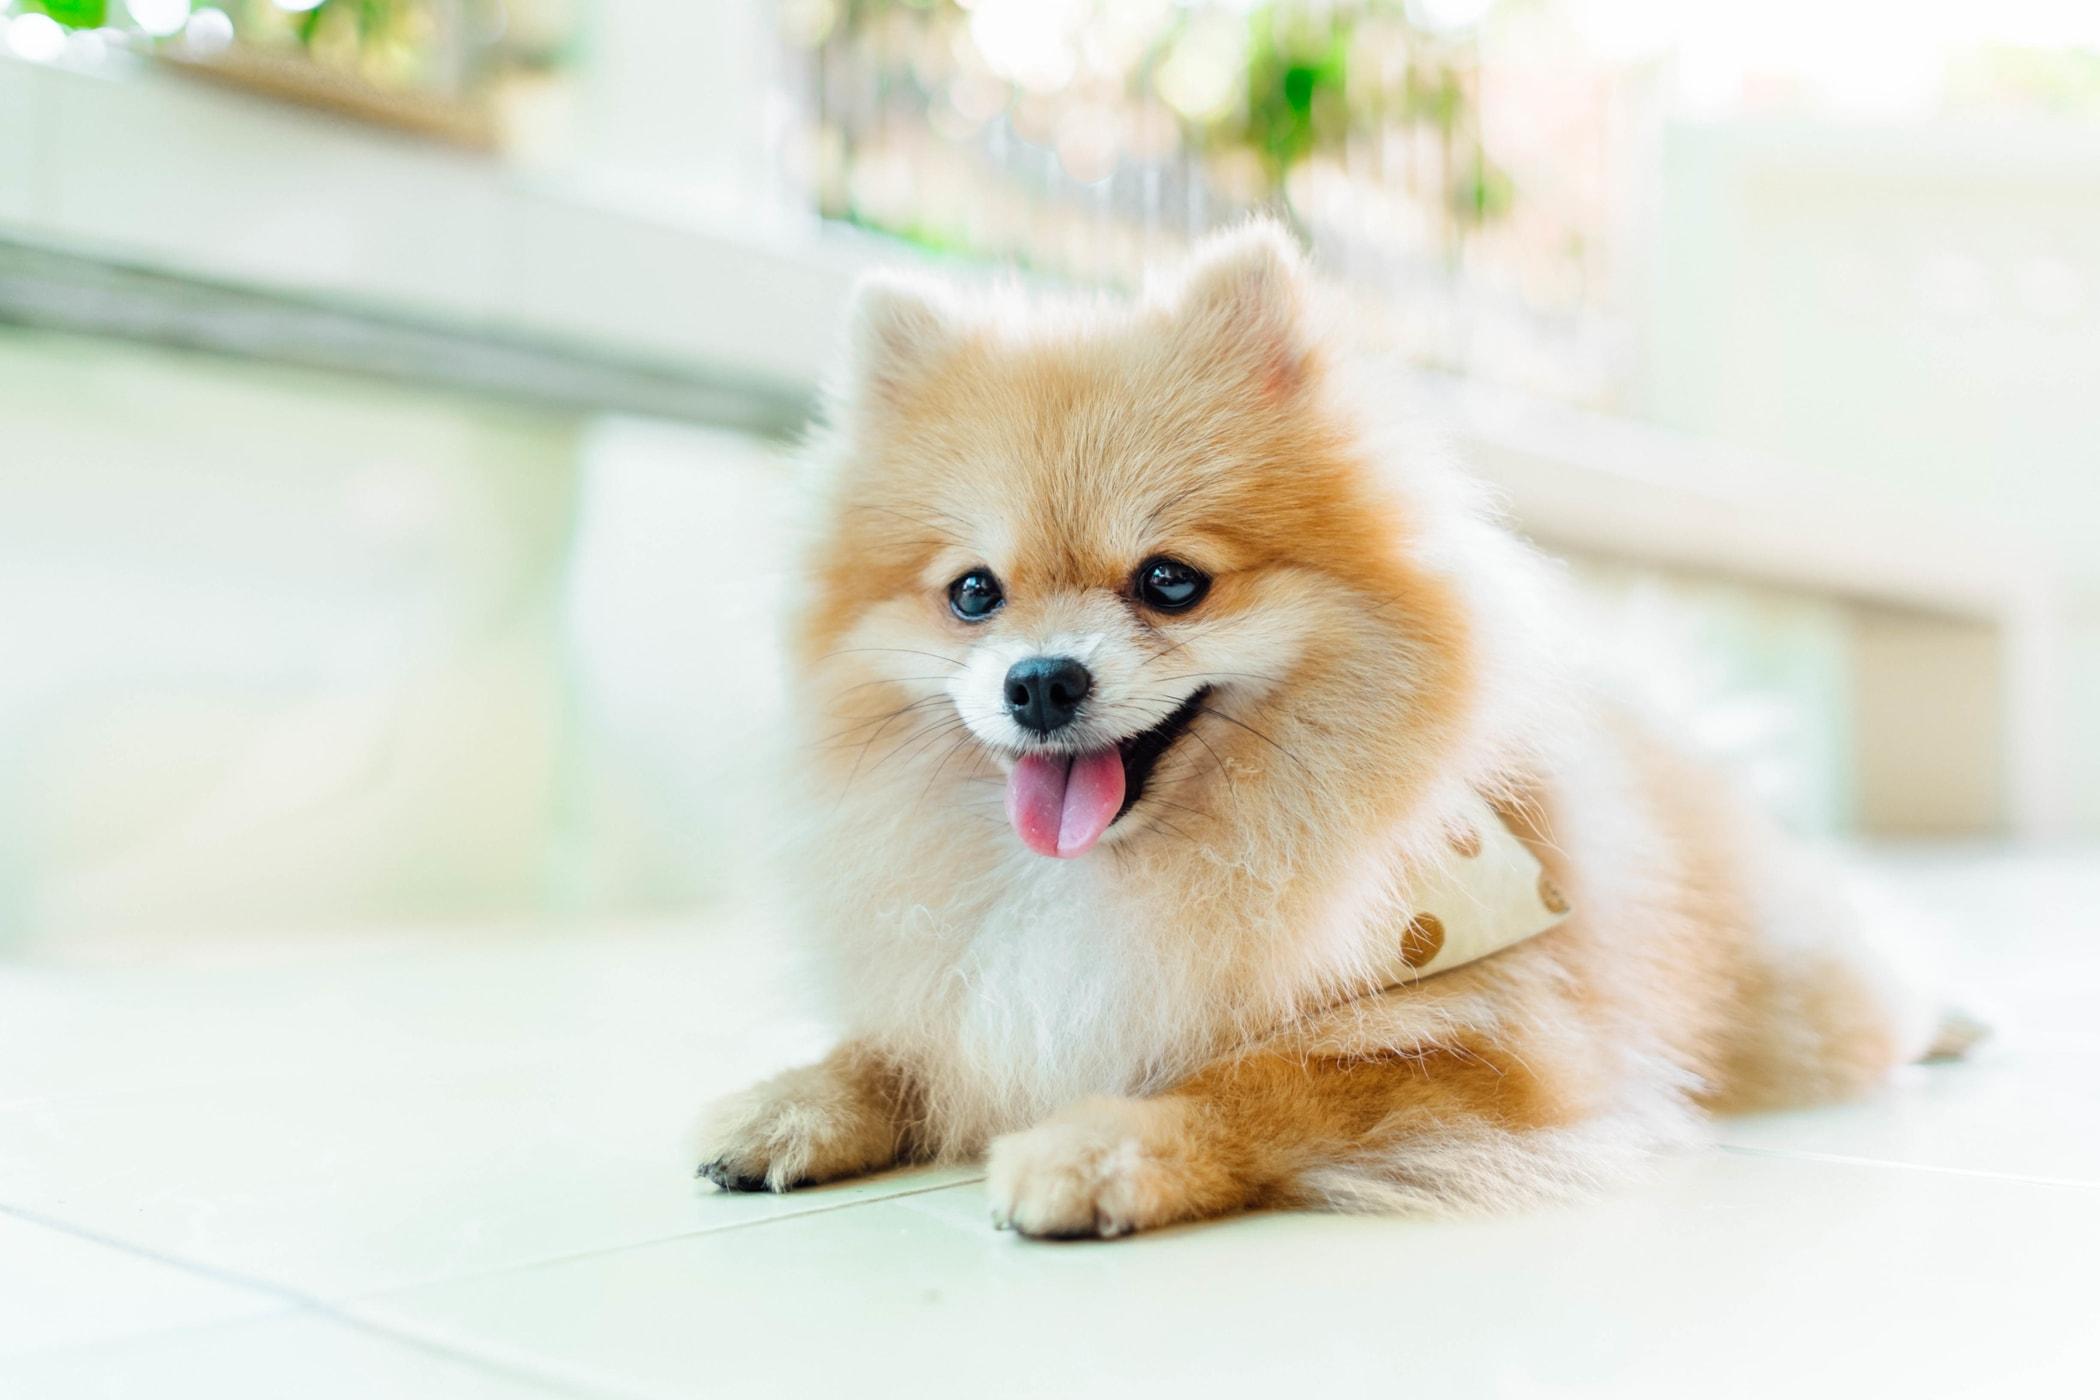 Jaka Jest Cena Psa Boo Zobacz Ile Kosztuje Wyjatkowy Szpic Miniaturowy